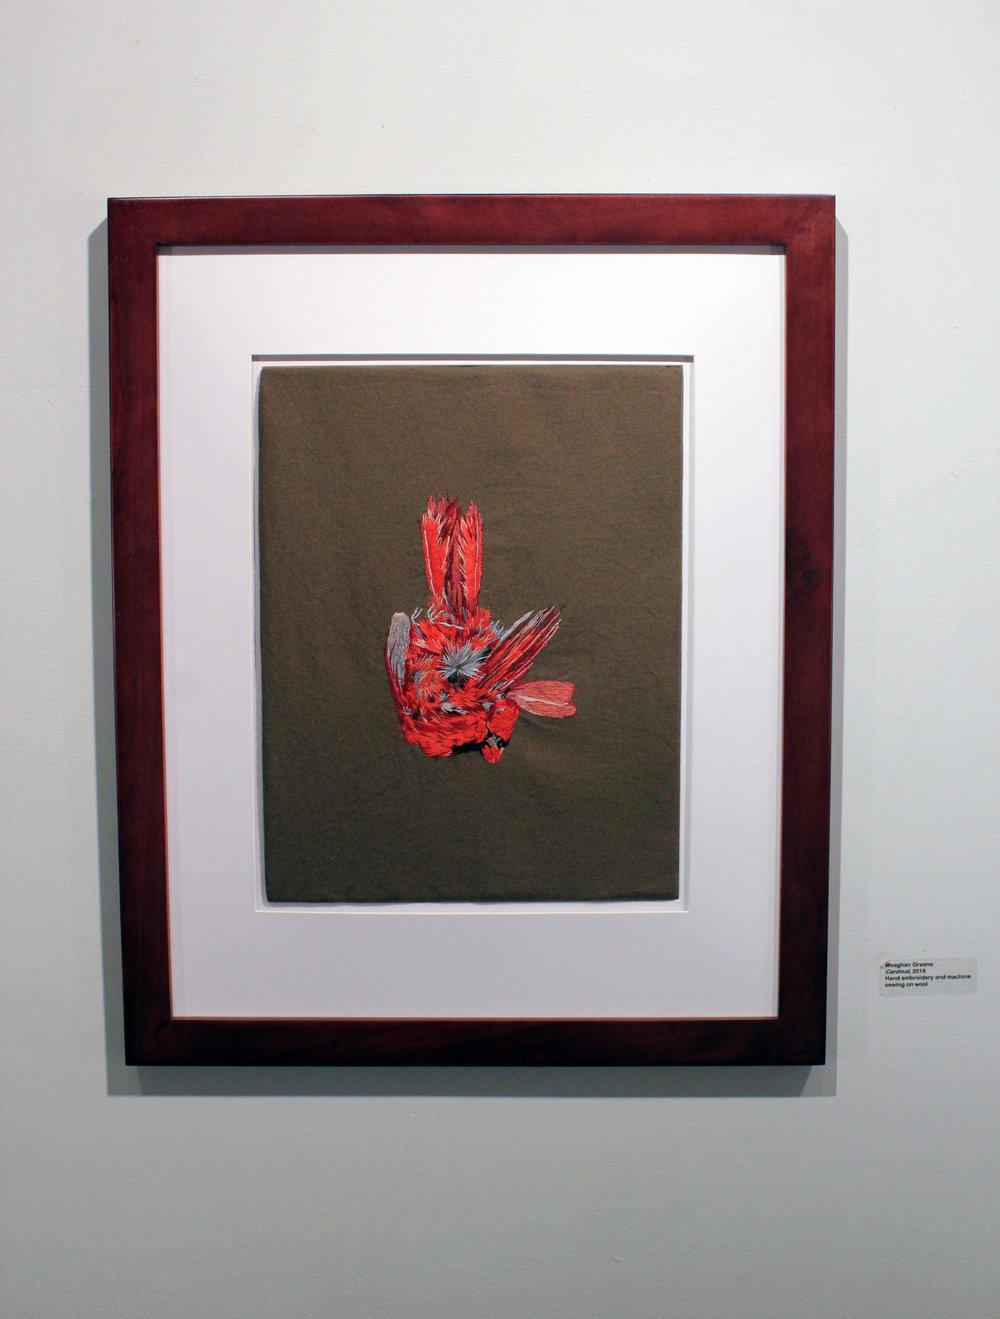 Cardinal, 2018